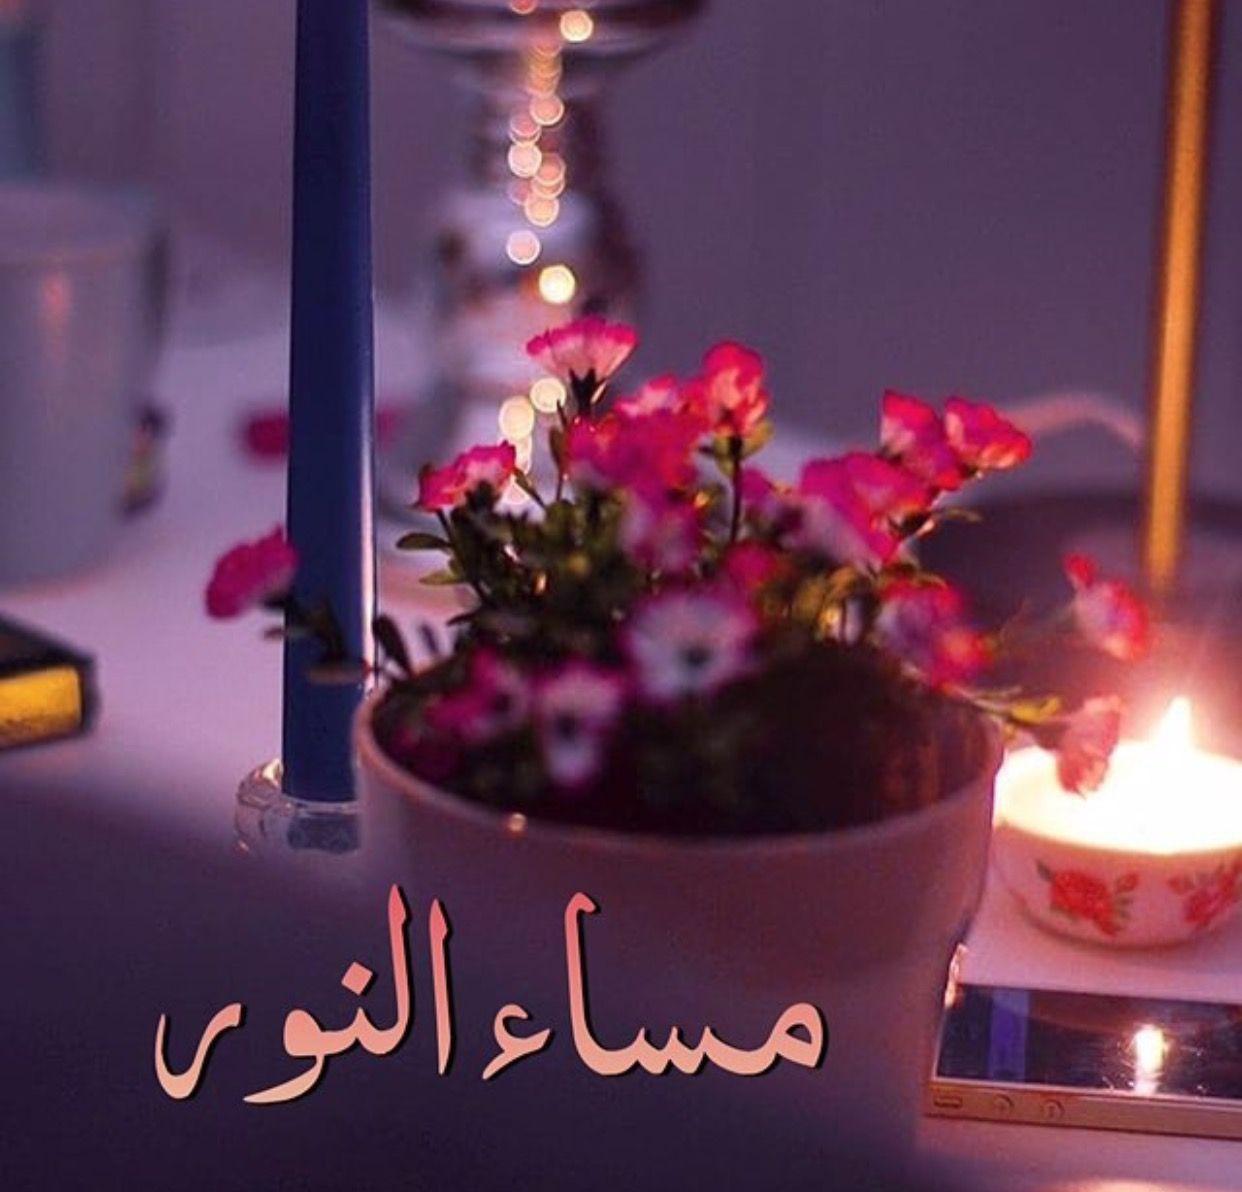 رسائل مسائية للحبيب والزوج رومانسية مساء النور والانوار حبيبي